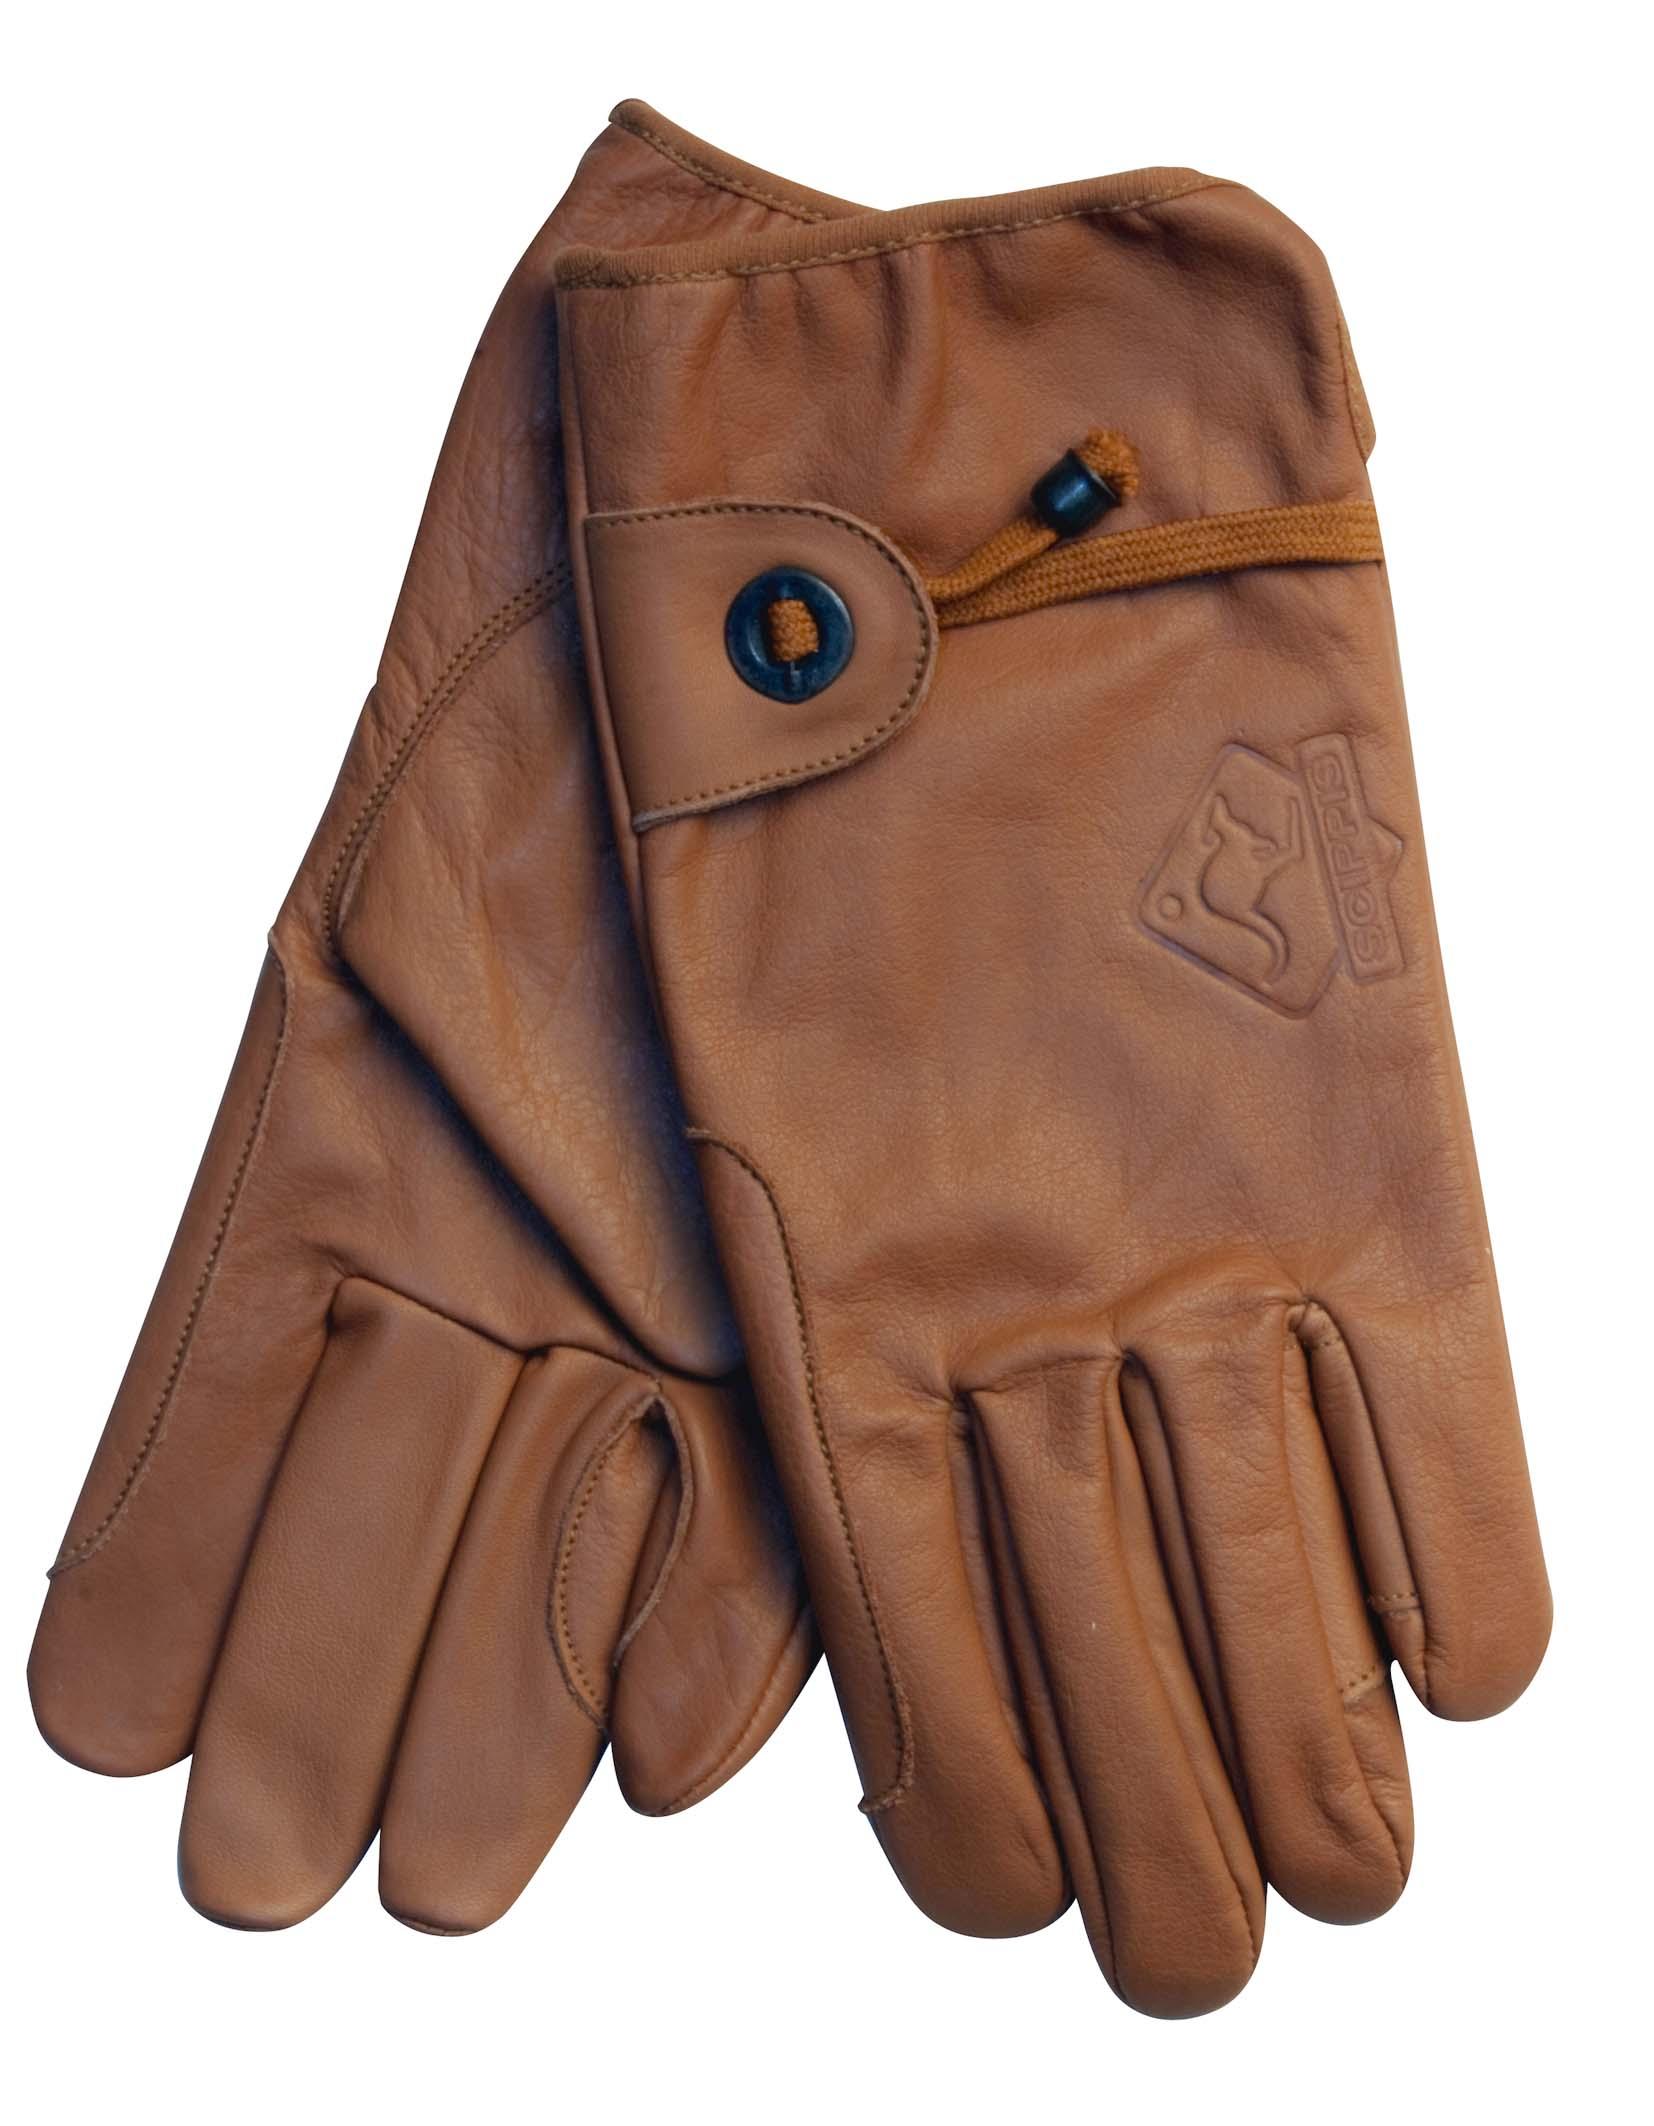 Scippis Leder Handschuhe-Braun M